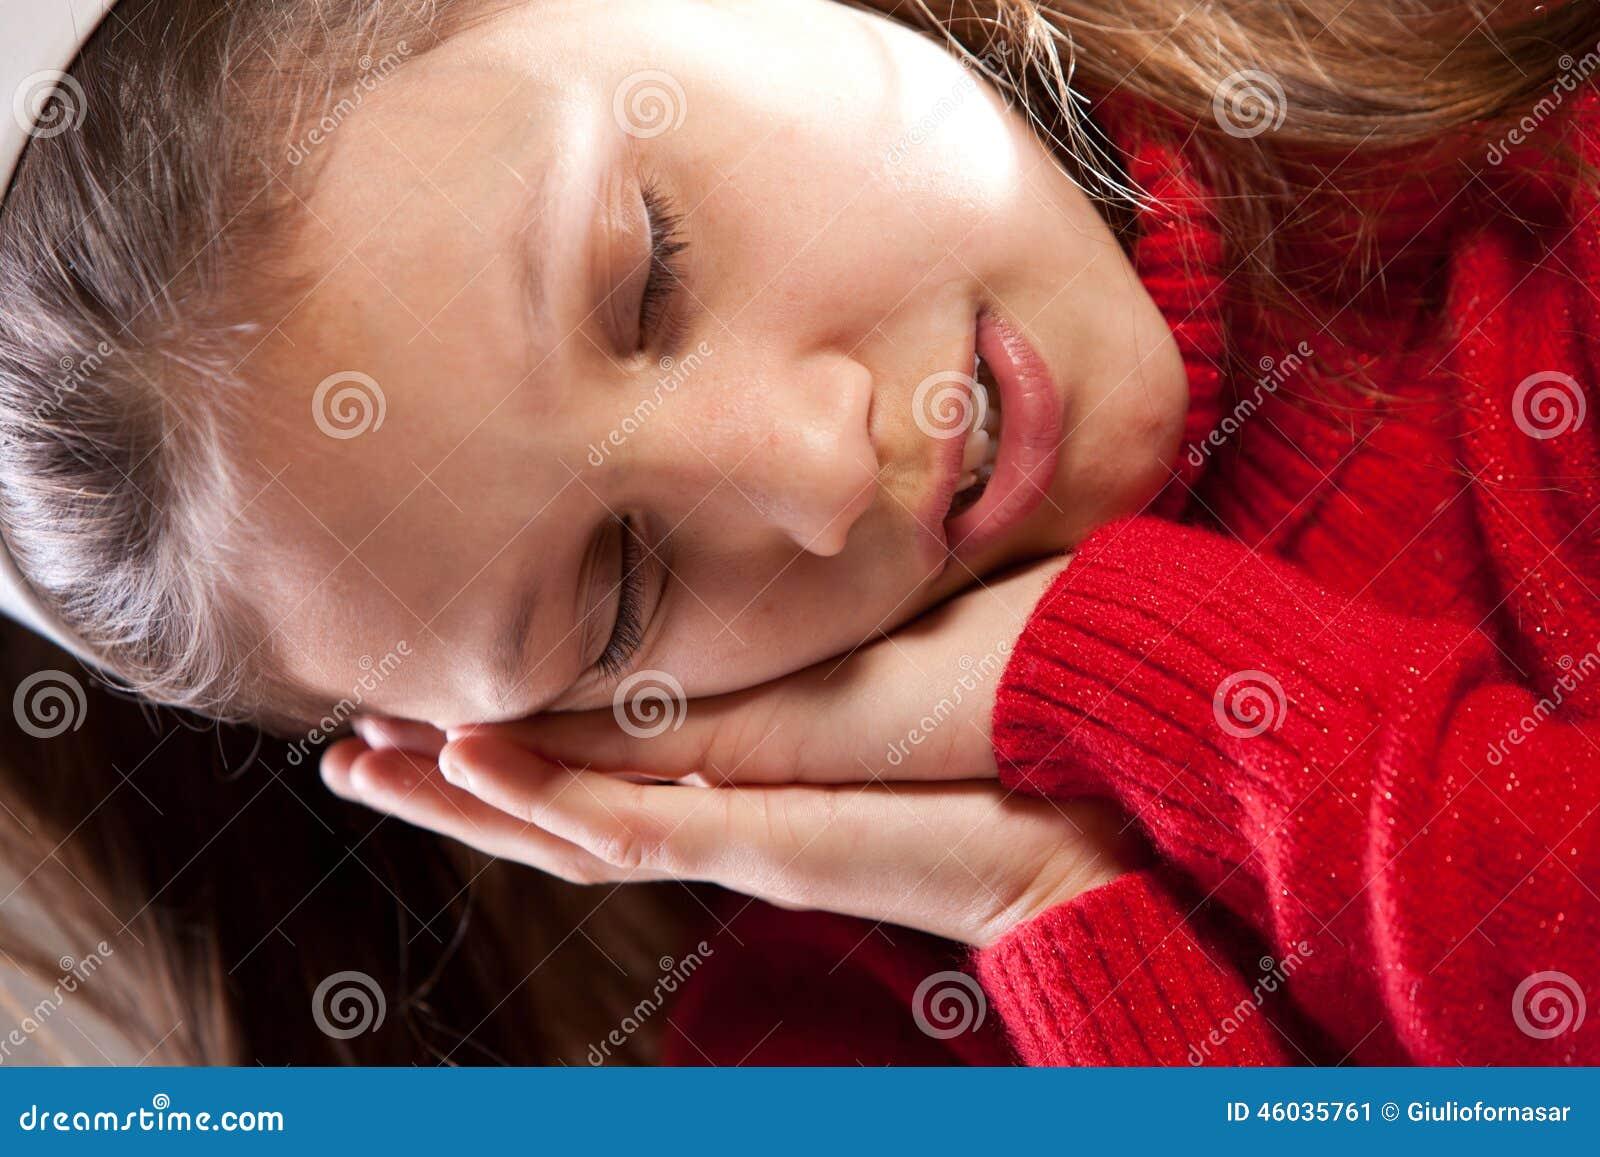 Little girl sleeping facial you